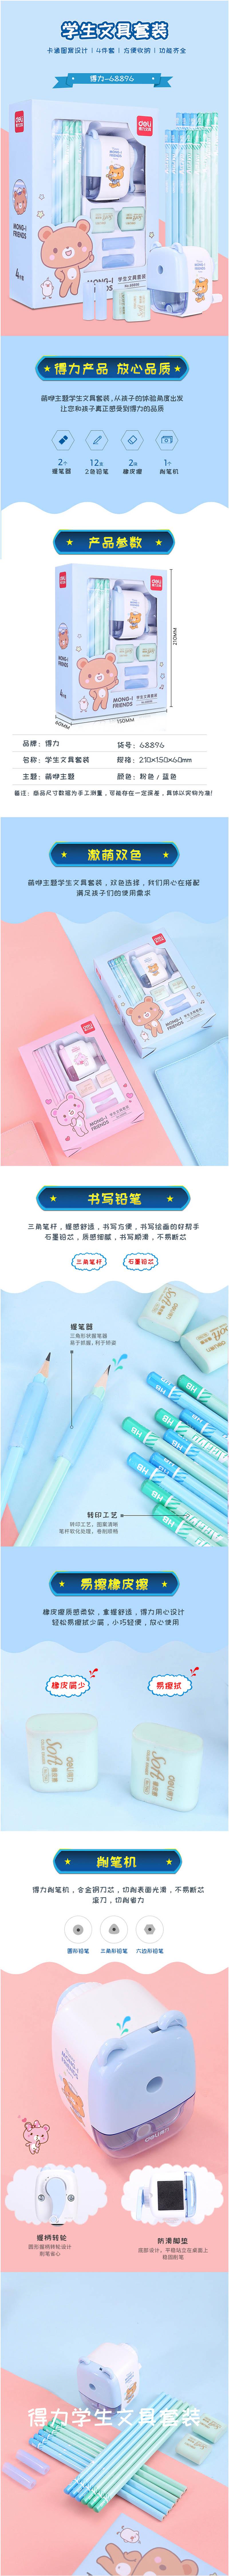 得力(deli) 王子蓝68896 学生文具礼盒套装铅笔卷笔刀橡皮擦握笔器17件套